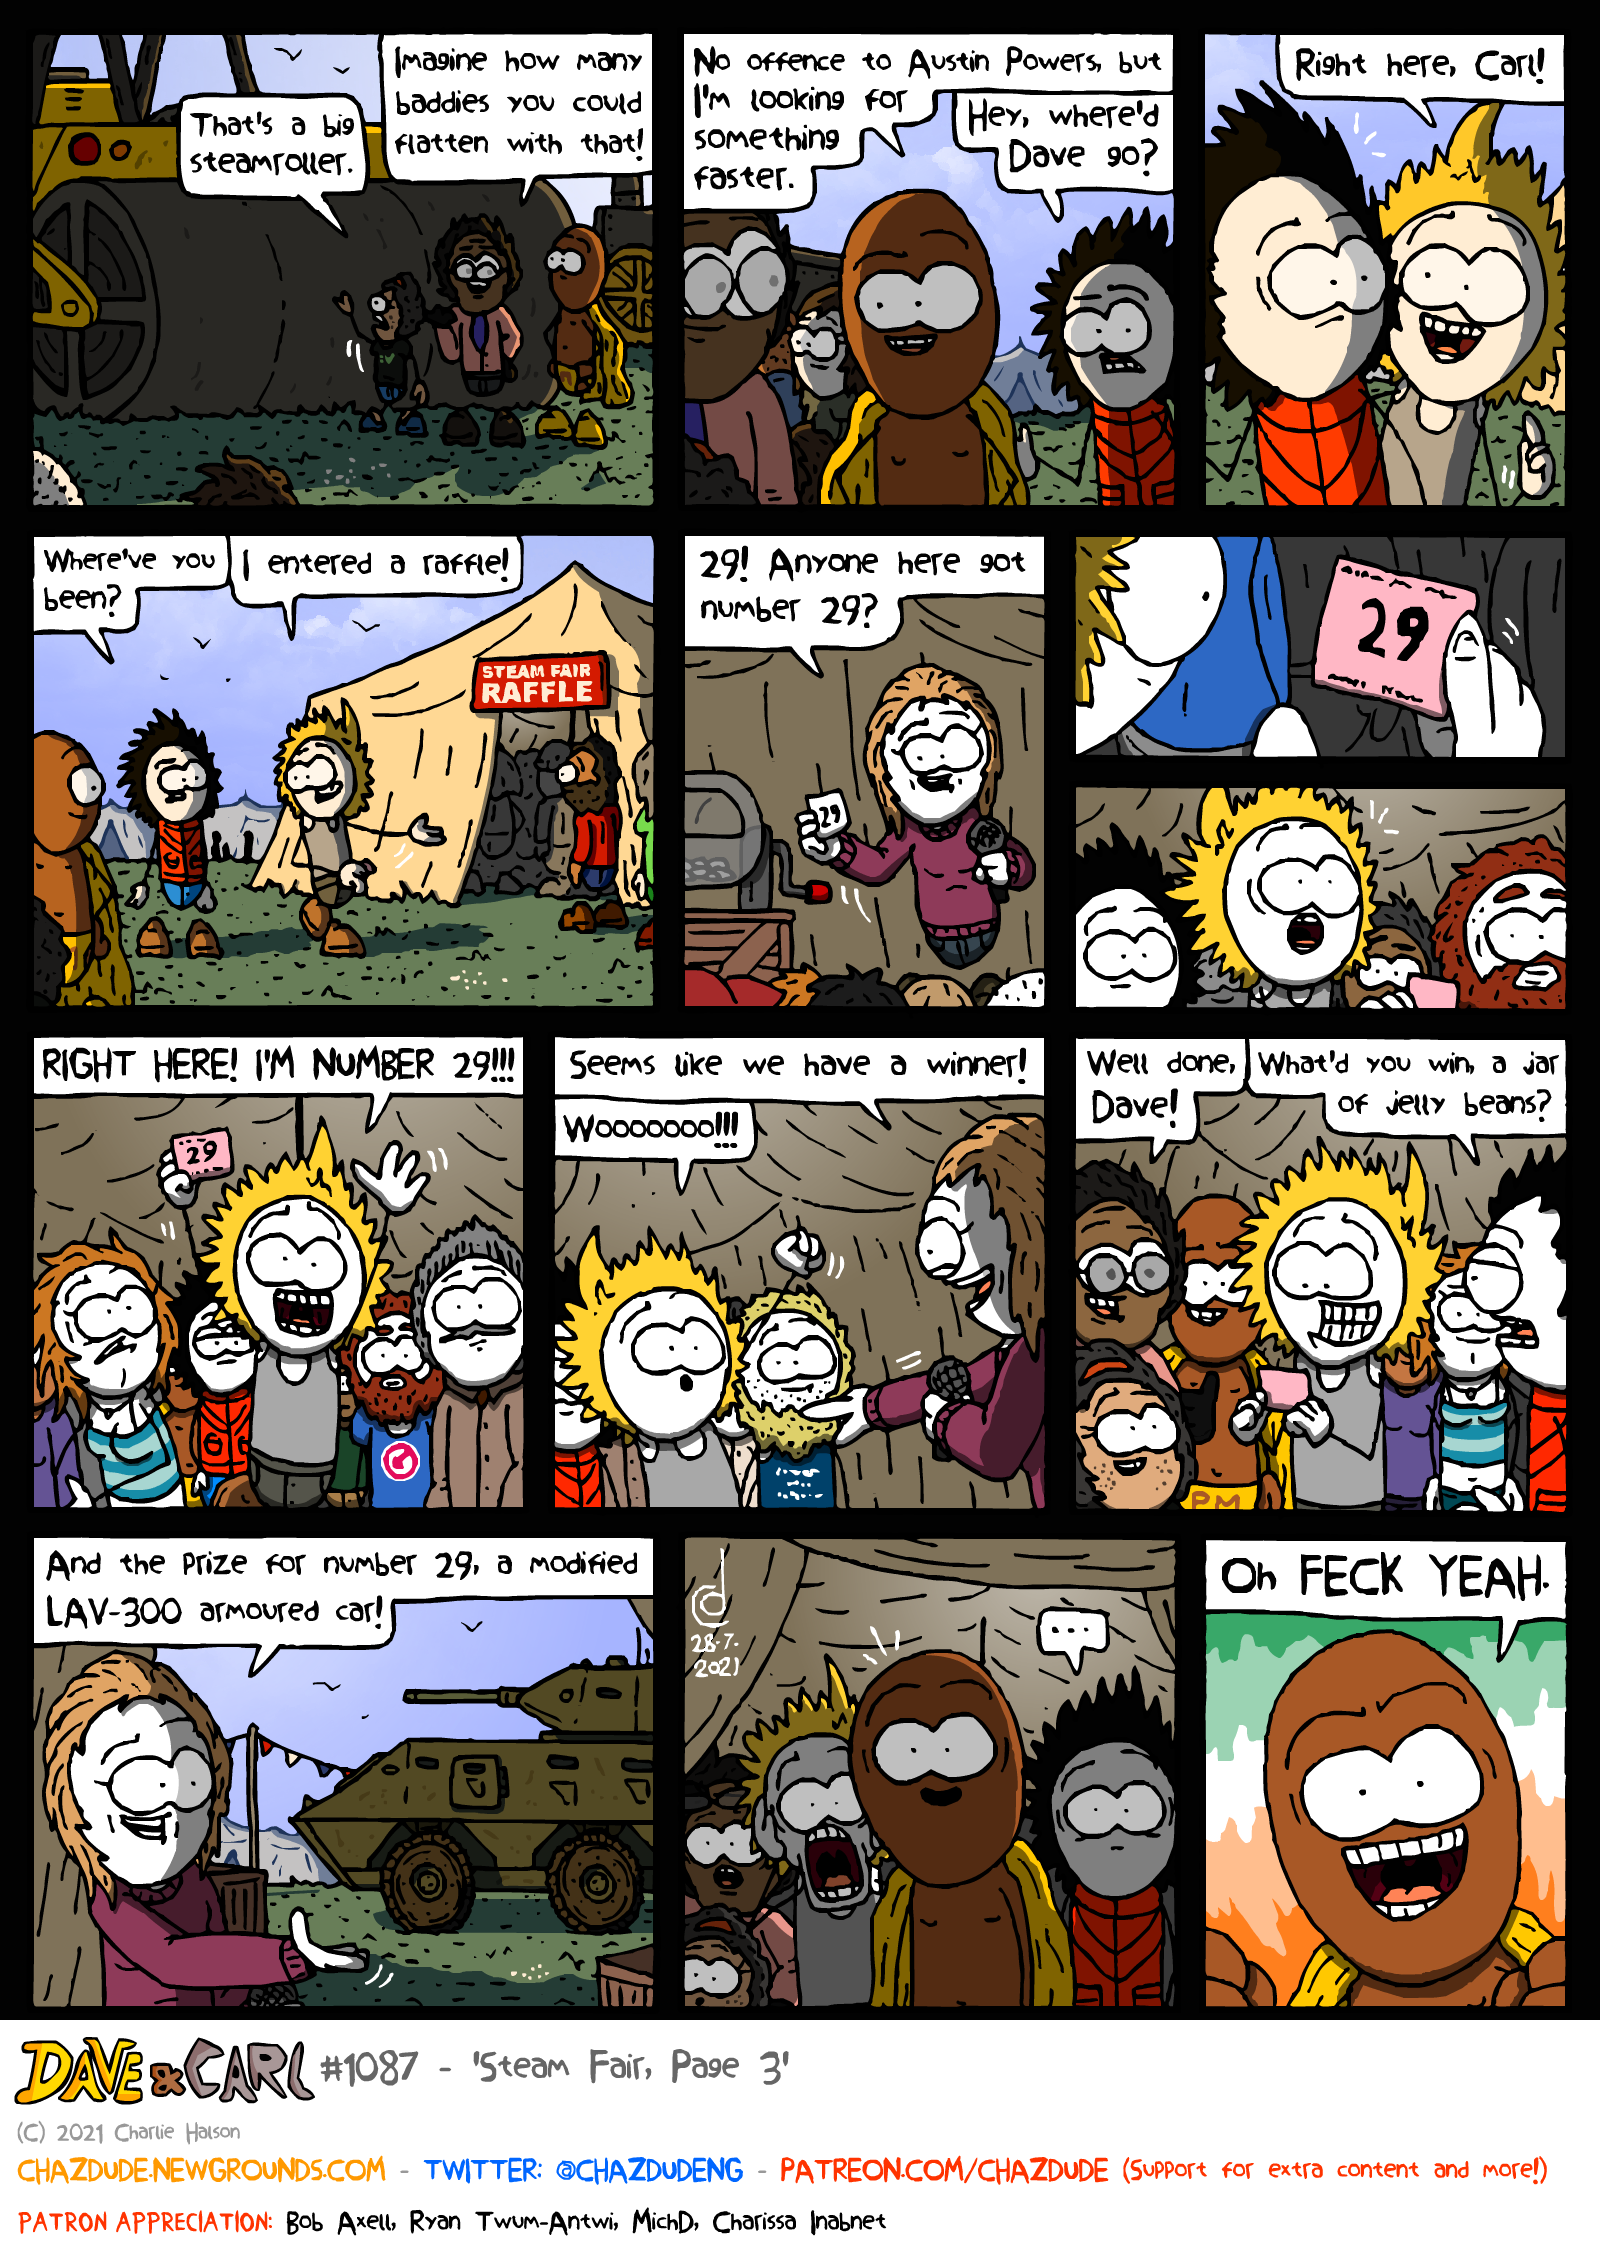 Steam Fair, Page 3